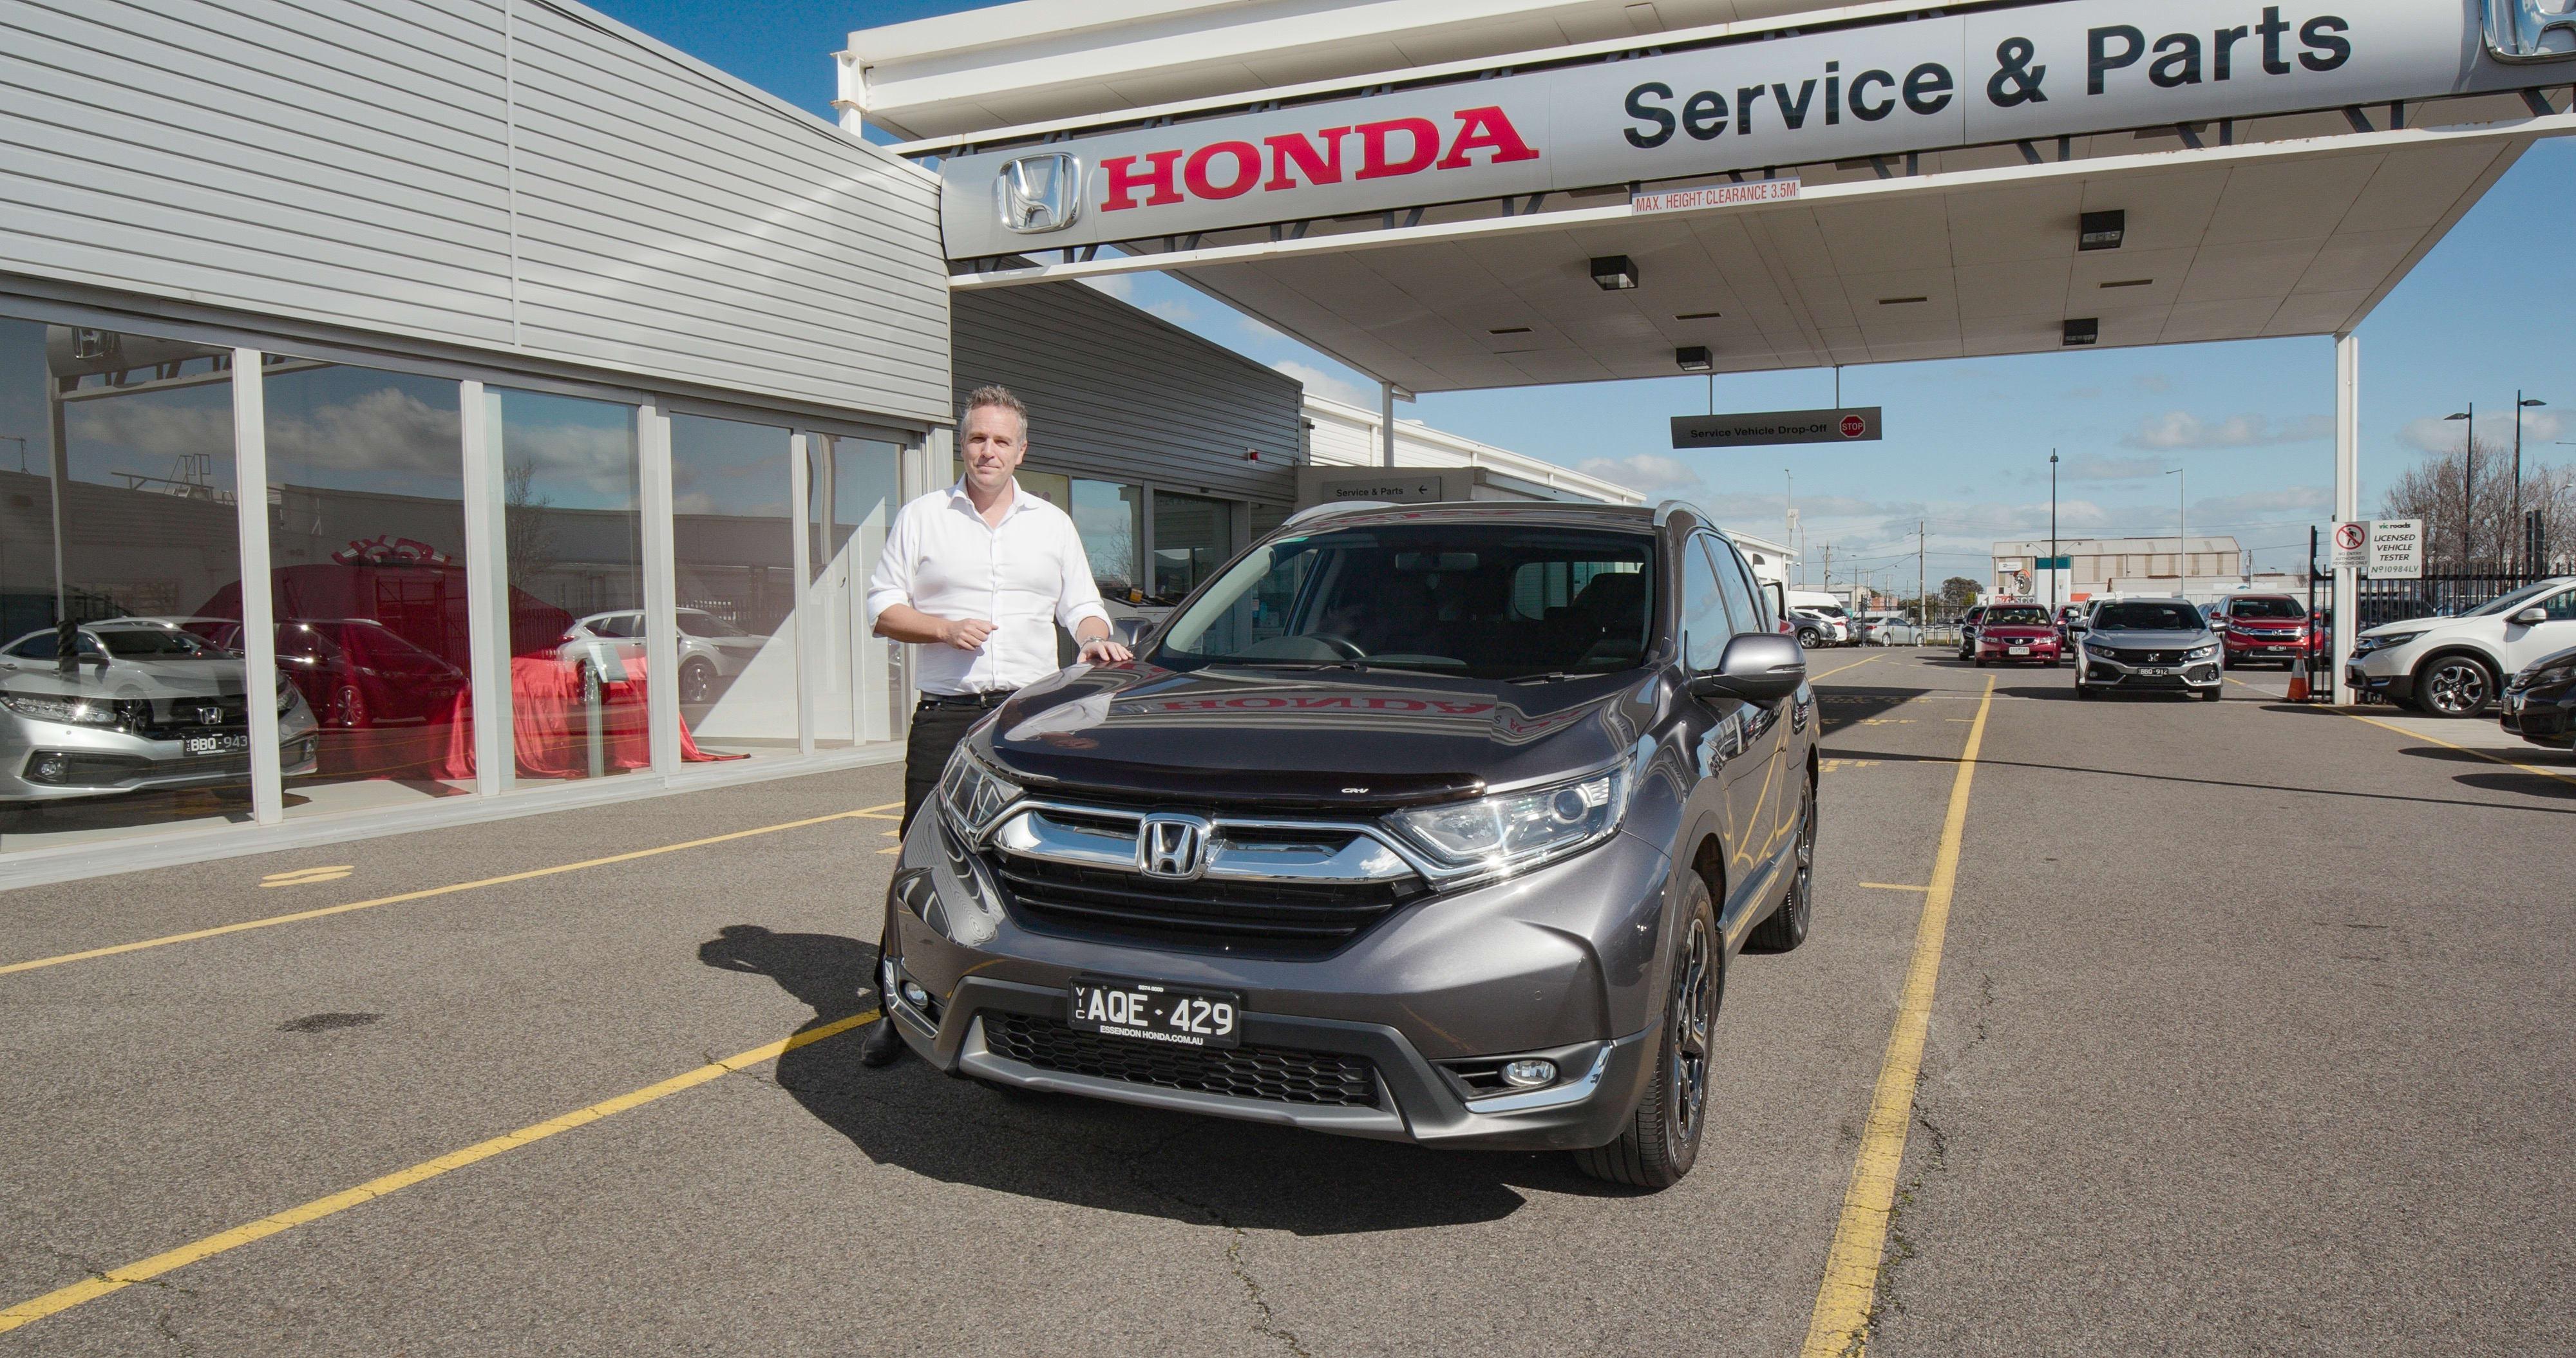 Kekurangan Servis Honda Tangguh